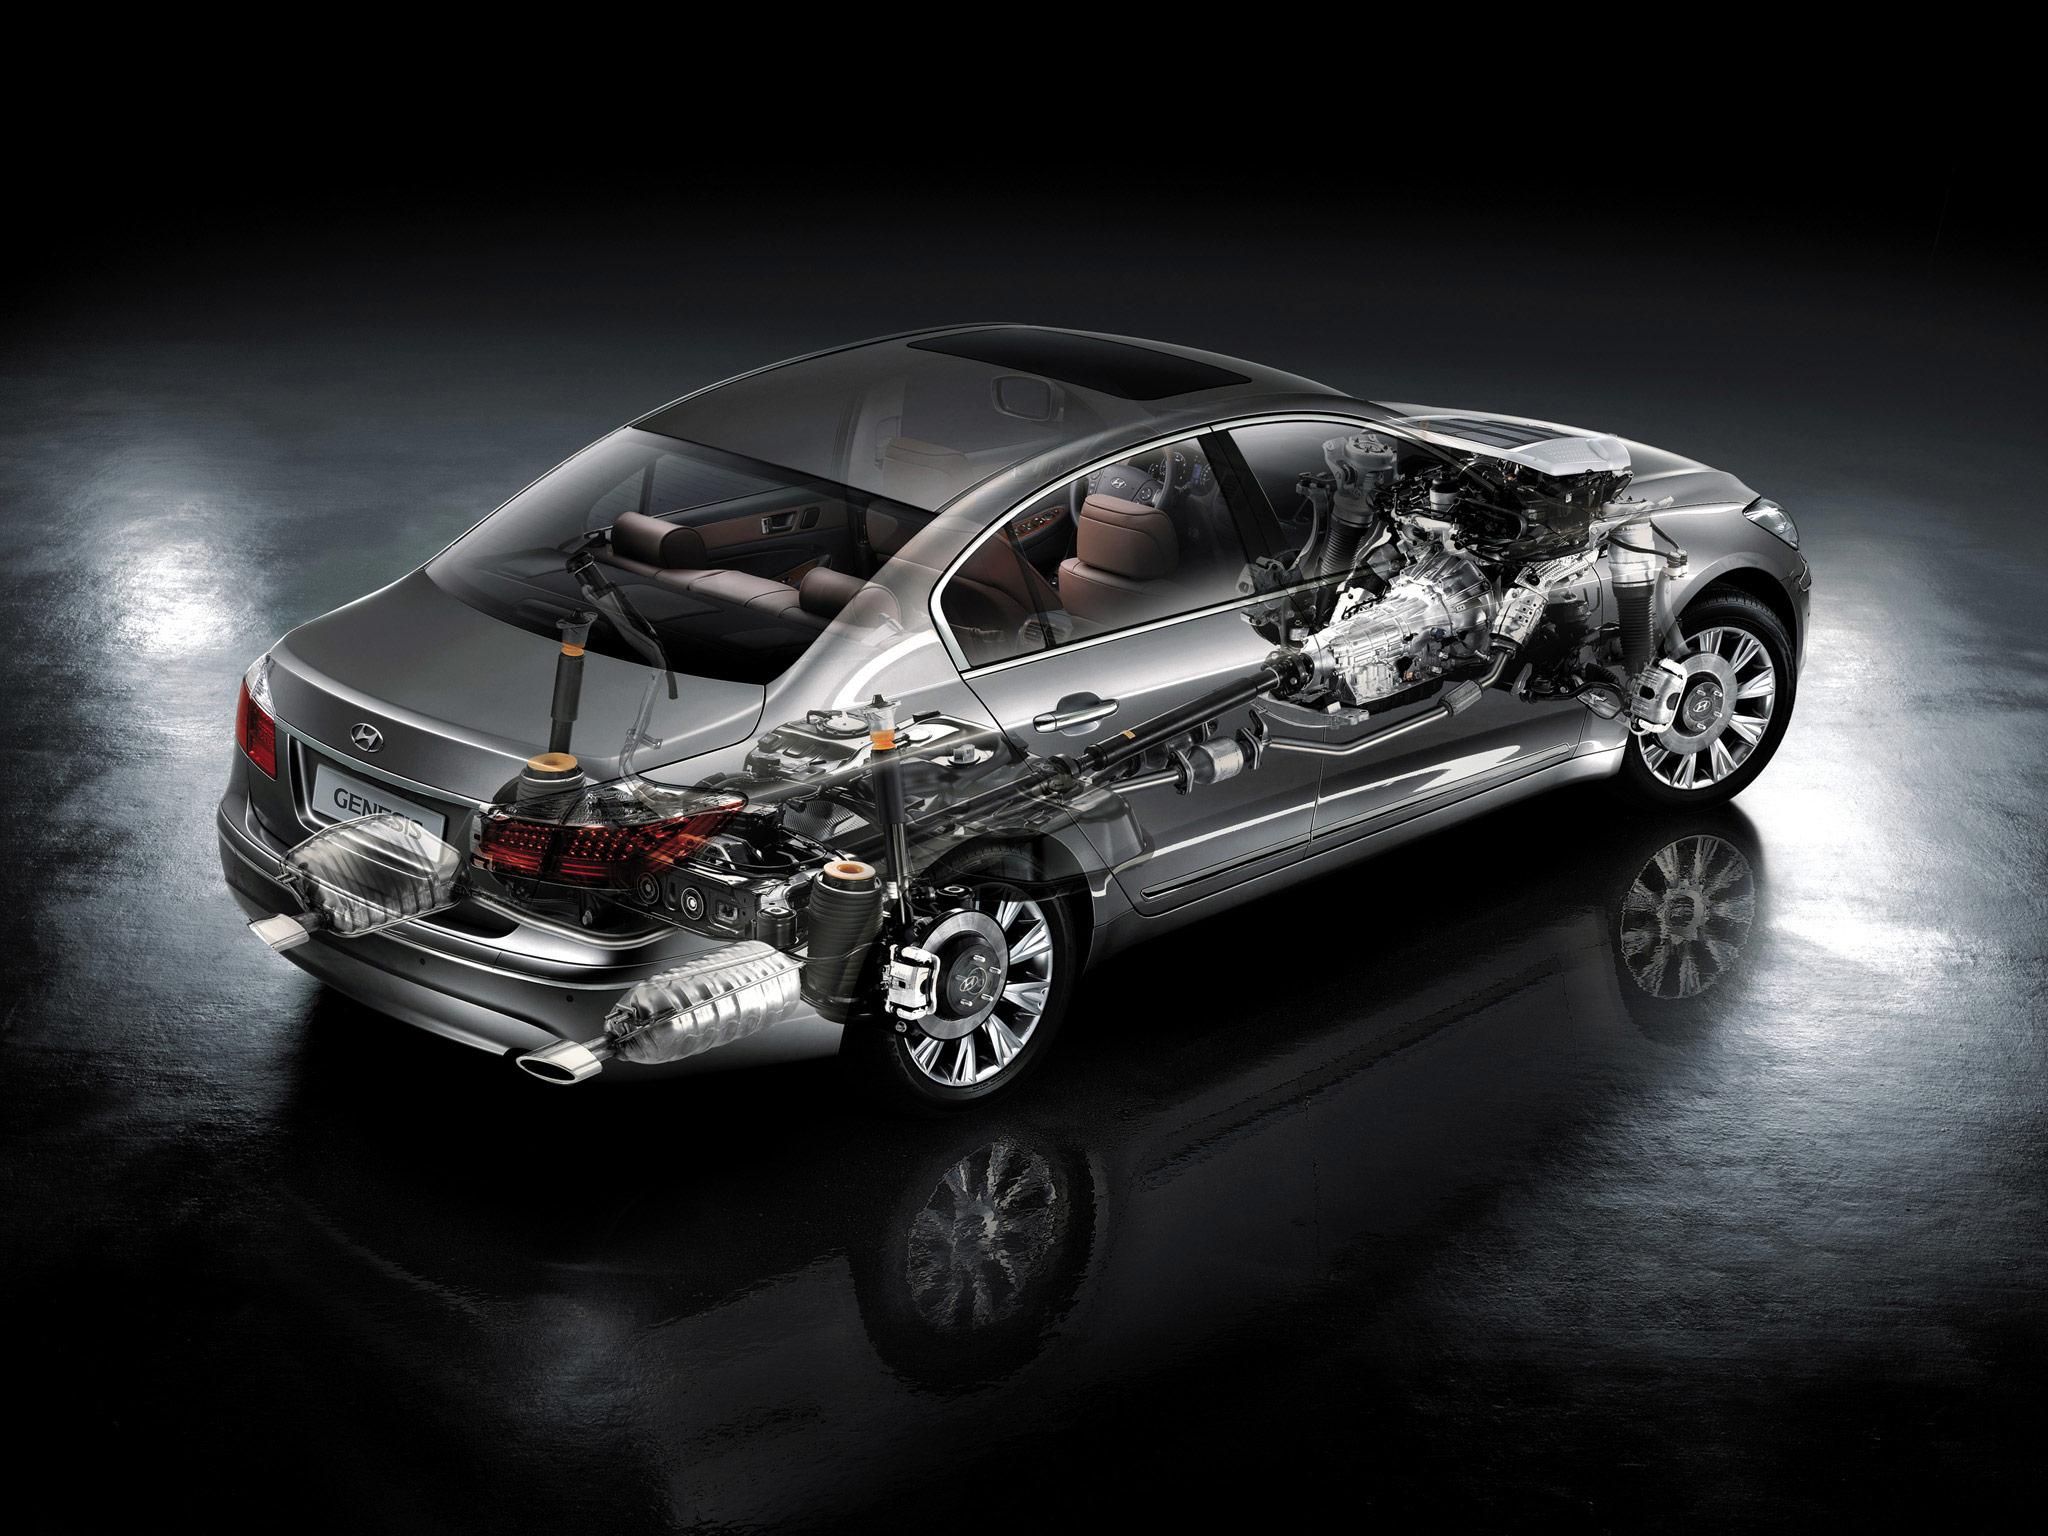 Hyundai Genesis cutaway drawing